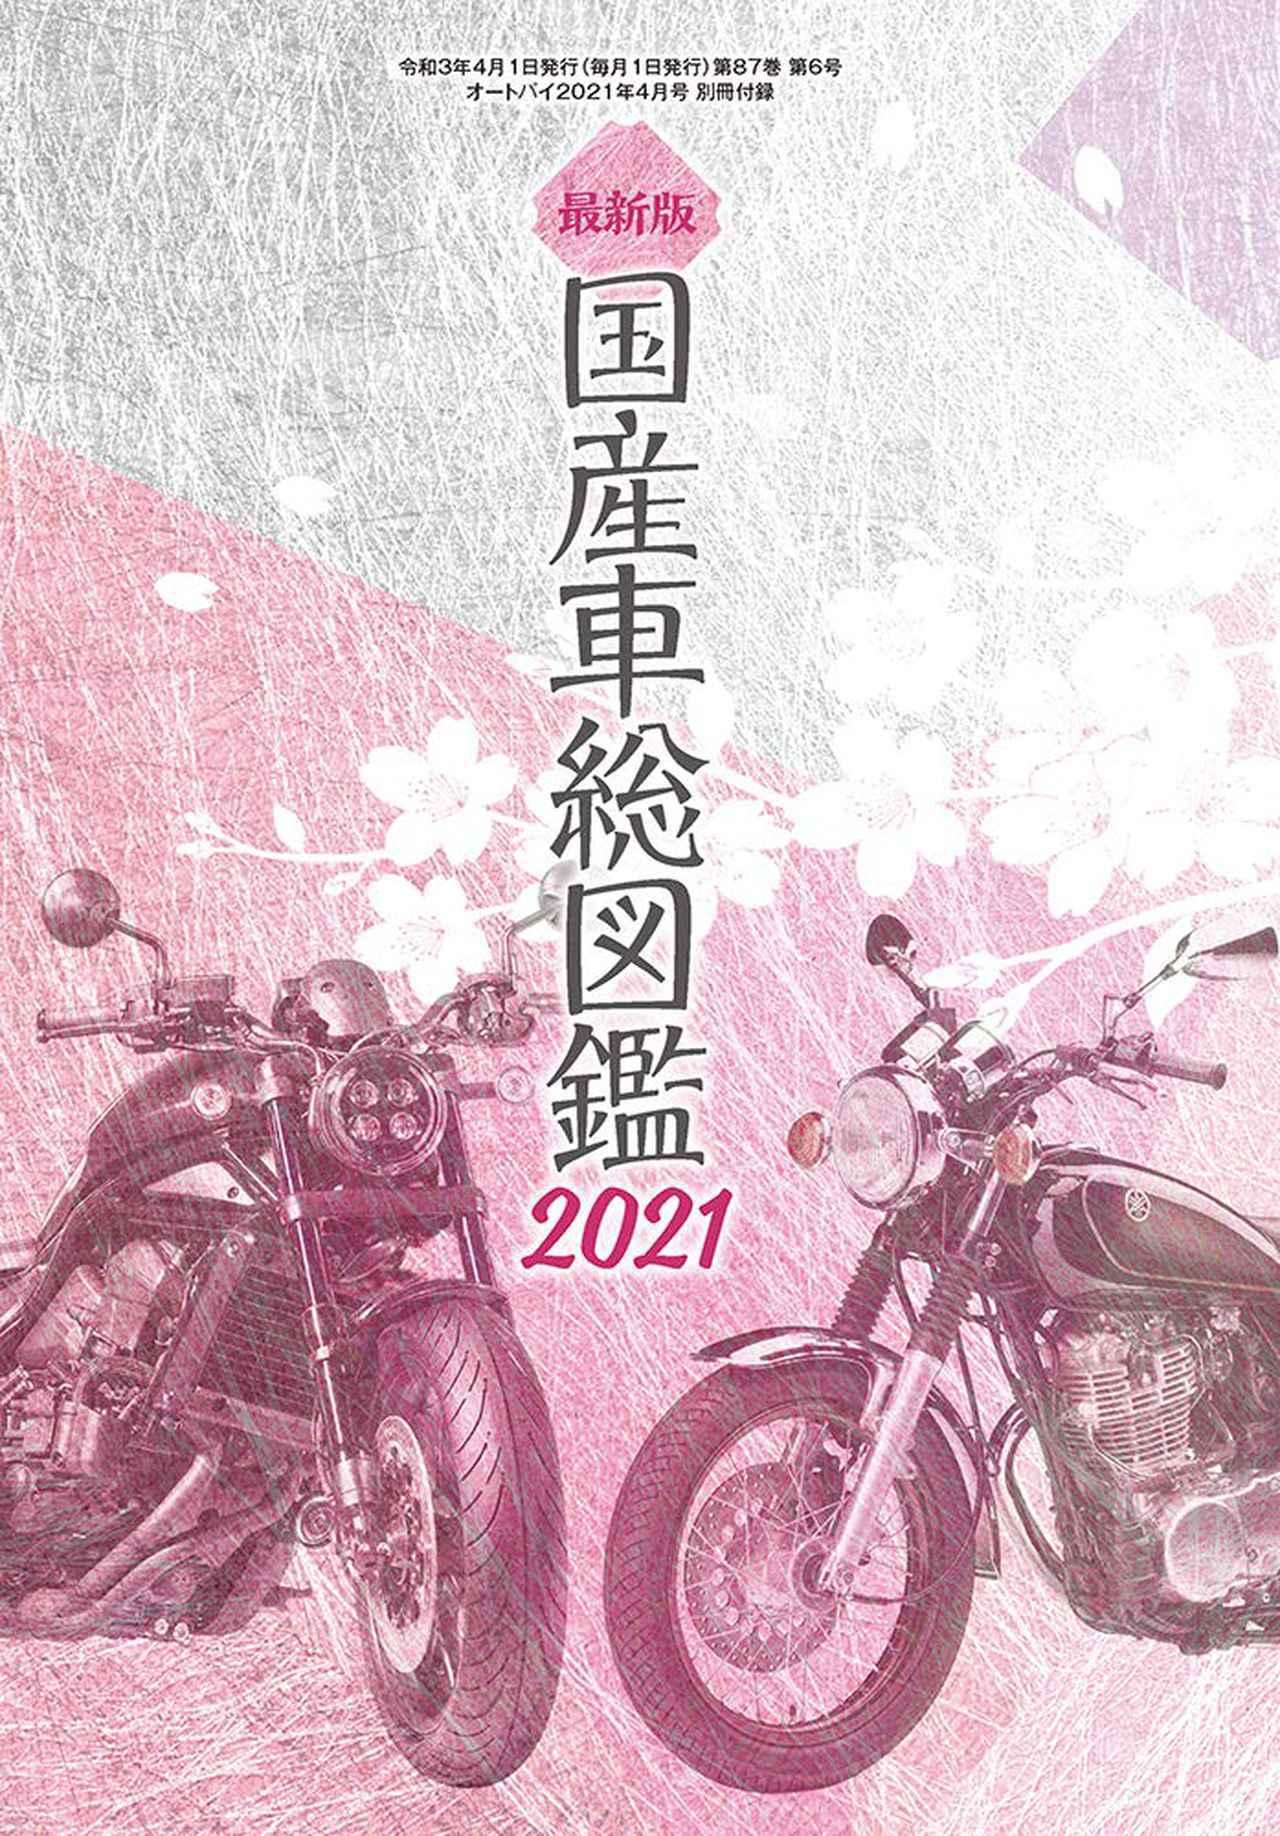 画像3: 月刊『オートバイ』2021年4月号はドーンっと3冊セット! 新型車&絶版車の原付から大型バイクまでたっぷり紹介します!